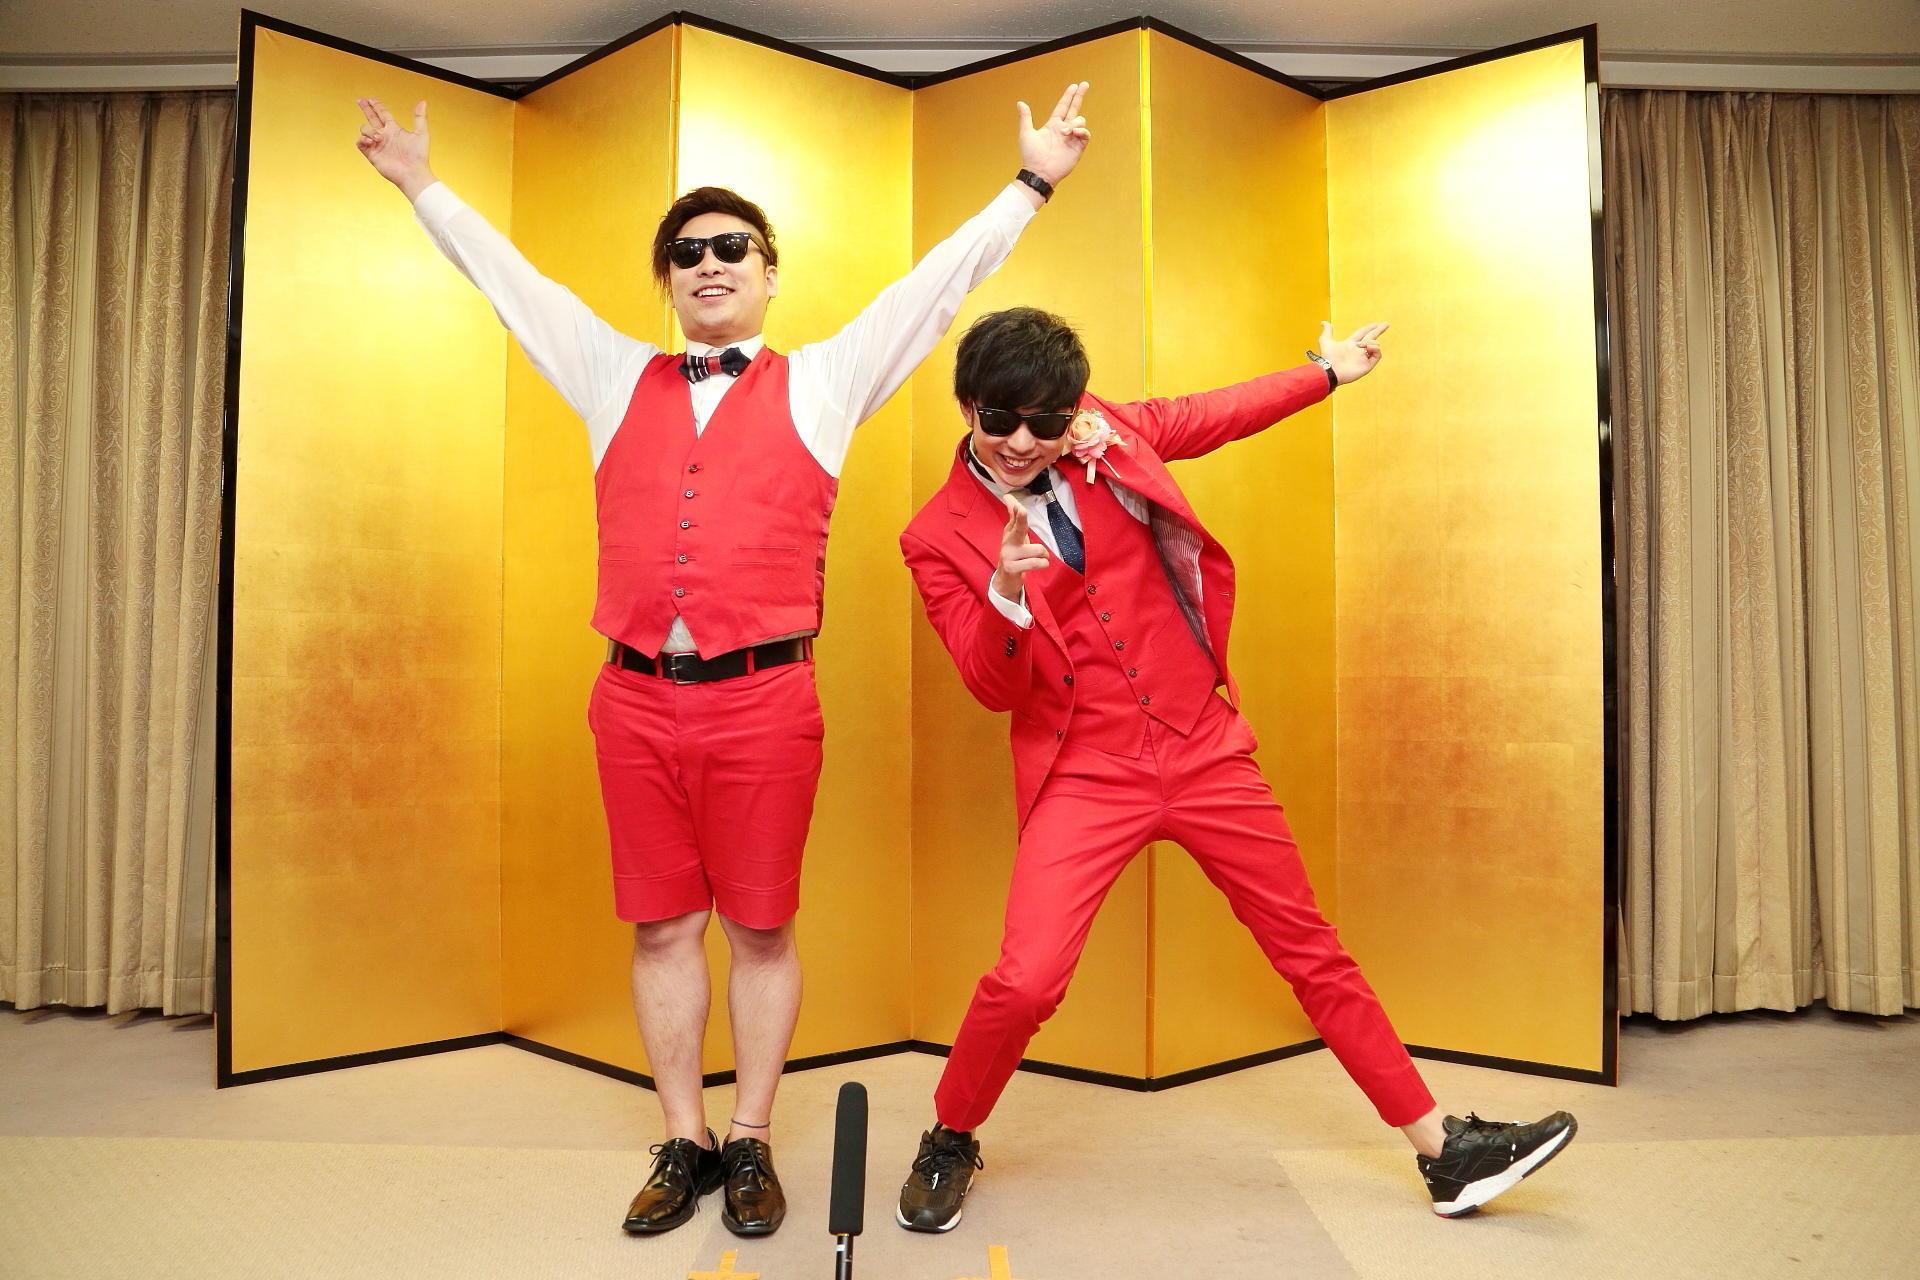 http://news.yoshimoto.co.jp/20170213120723-b17d3a44d0689fbd846f20752f581b26ca61e7be.jpg